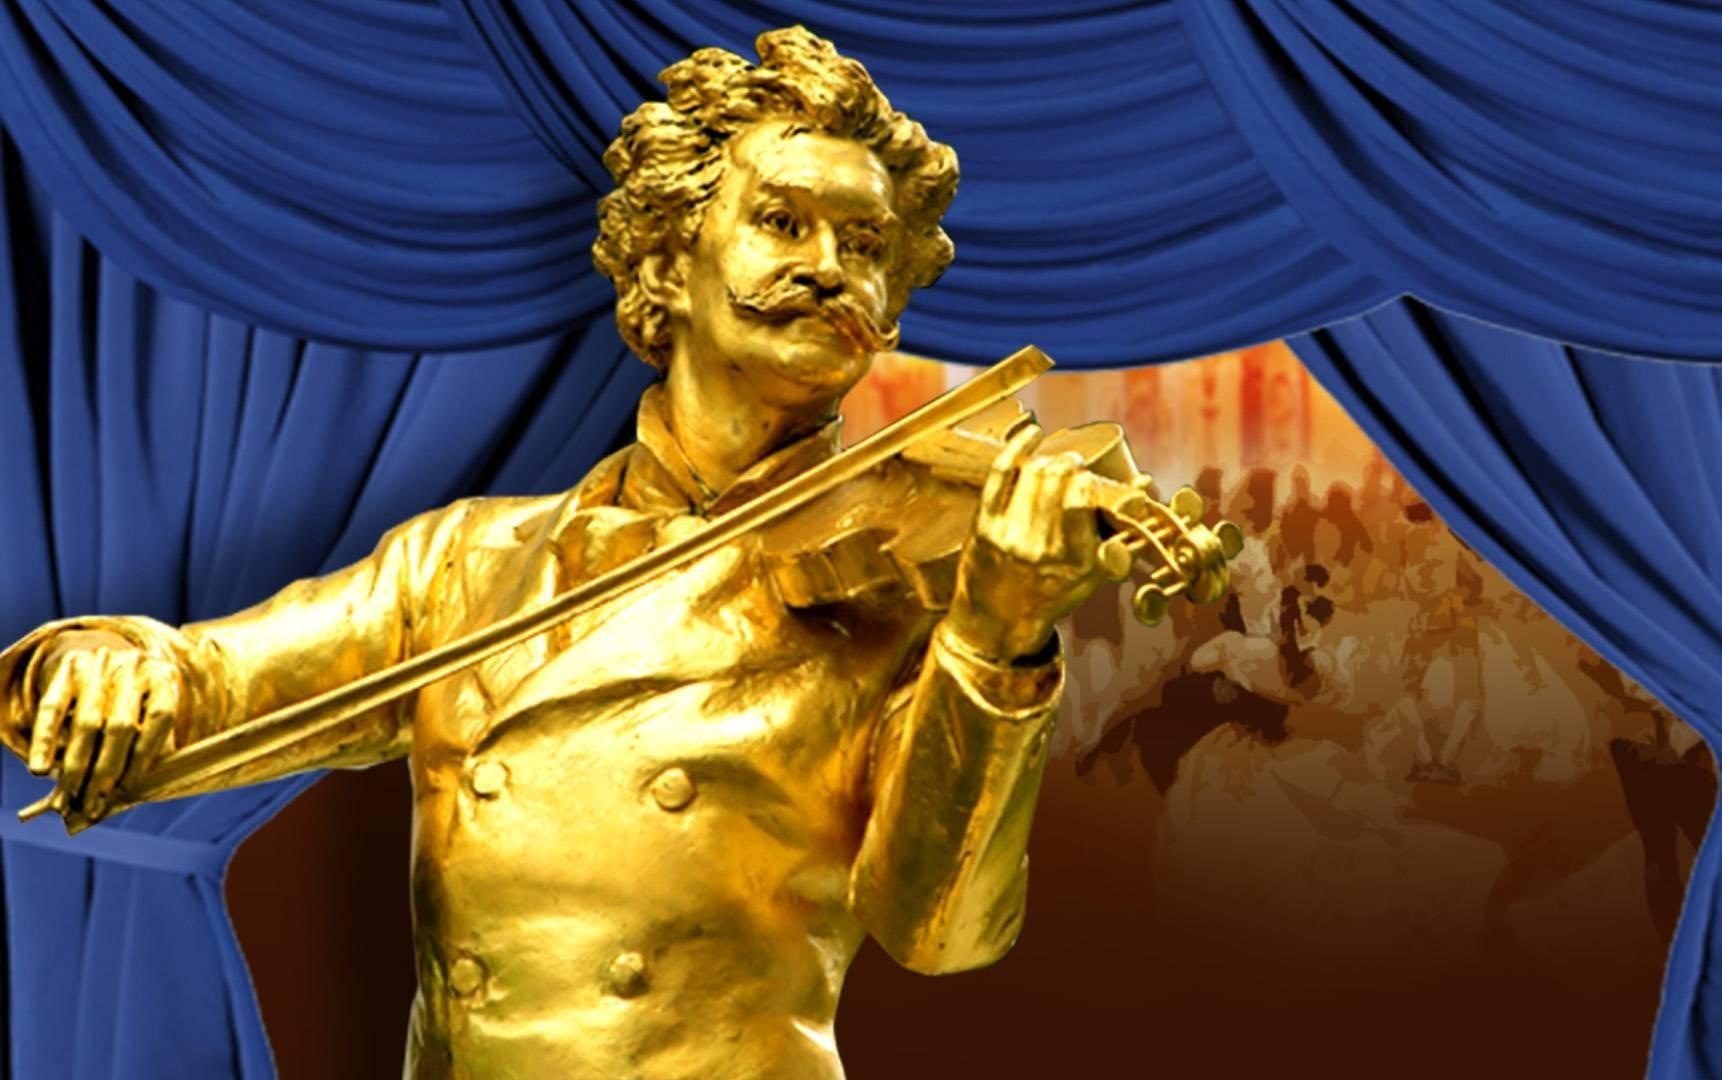 Купить билет на концерт в Кремль